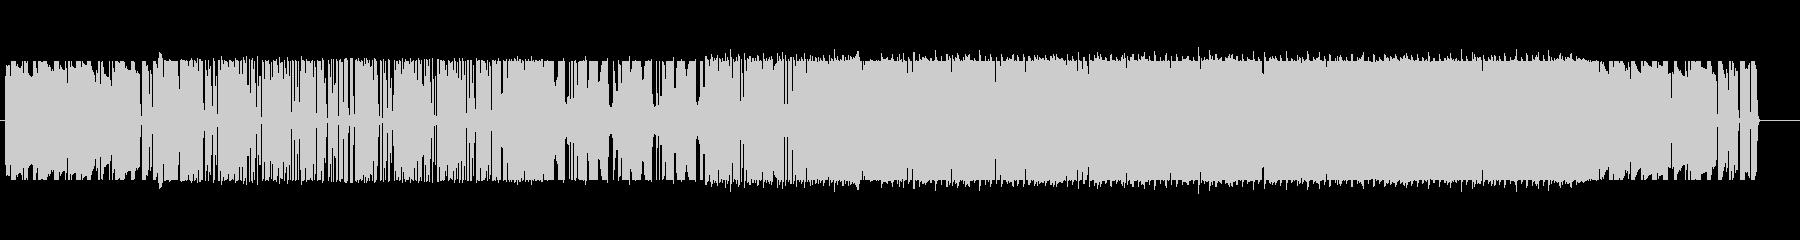 ガールクラッシュ系最新K-POP!の未再生の波形